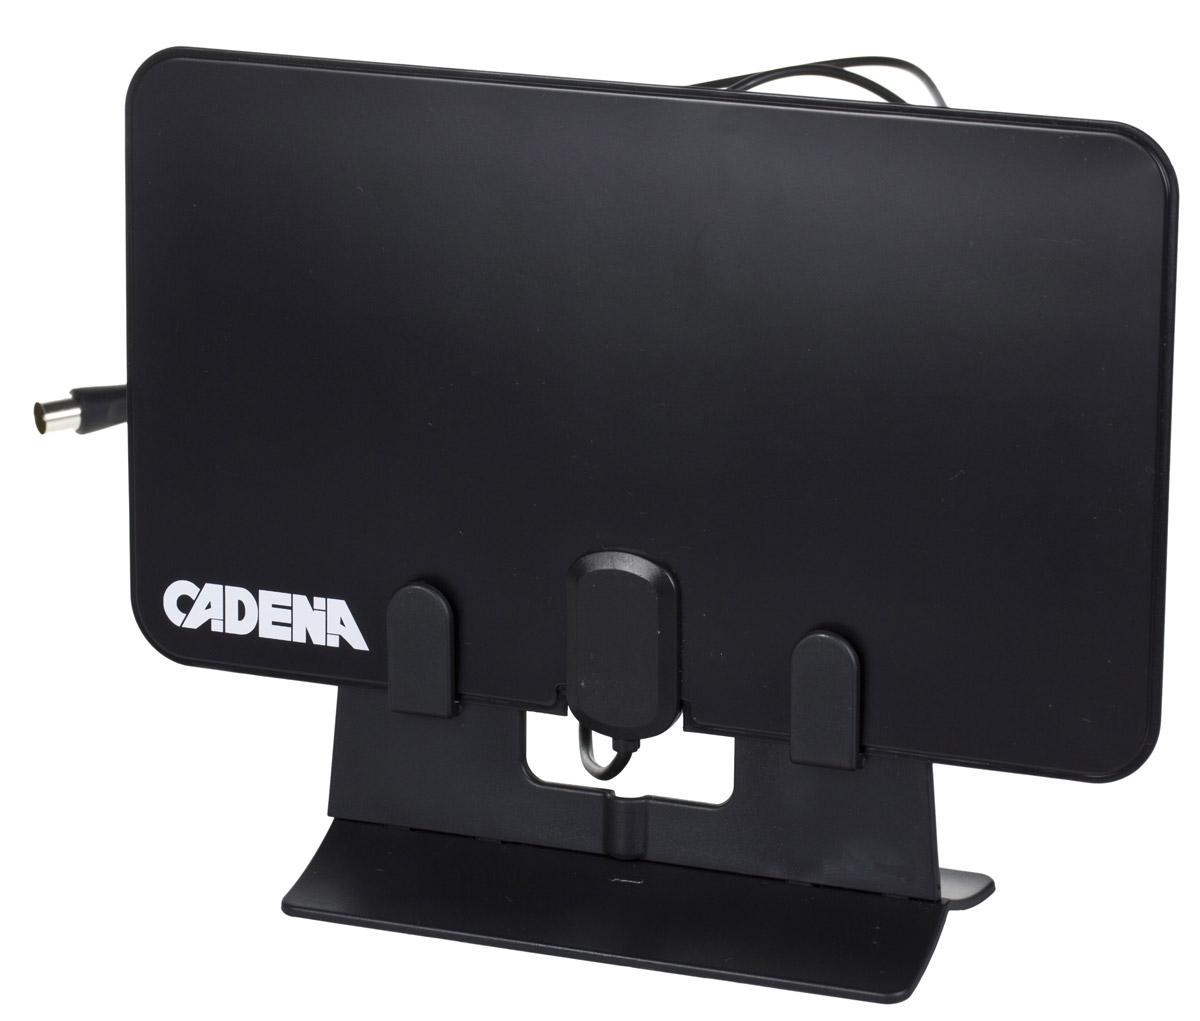 Cadena DVB-T825BF телевизионная антеннаDVB-T825BFCadena DVB-T825BF - компактная, мощная, и удобная телевизионная антенна. На ней можно даже разместить рисунок или дизайн по своему усмотрению, хорошо впишется в любой интерьер или по желанию скроется за картиной или занавеской. Телевизионная комнатная антенна с встроенным усилителем и кабелем предназначена для приема сигналов цифрового эфирного телевидения DVB-T2 и аналогового телевизионного сигнала. Модель компактная, ее легко можно разместить на стене, окне, подоконнике, или в любом удобном месте. Наличие встроенного малошумящего усилителя позволяет использовать ее в зонах с различным уровнем телевизионного сигнала. Питание антенного усилителя напряжением 5 В осуществляется от приемника DVB-T2.